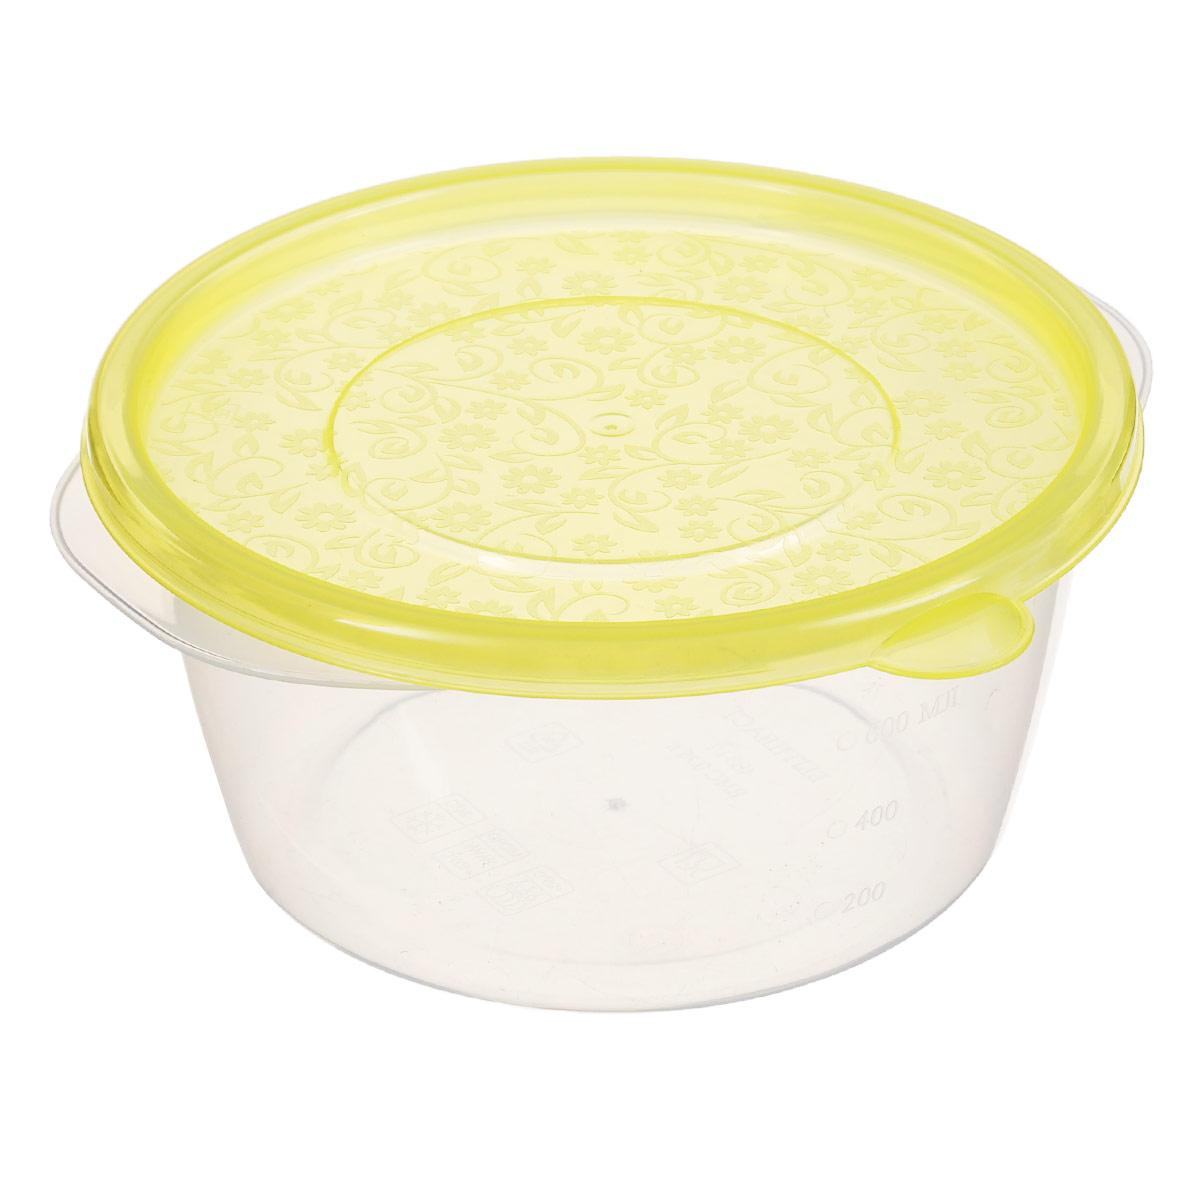 Контейнер Phibo Арт-Декор, цвет: желтый, 750 мл1200 02 105Контейнер Phibo Арт-Декор изготовлен из высококачественного полипропилена и не содержит Бисфенол А. Крышка легко и плотно закрывается, украшена узором в виде цветков. Контейнер устойчив к воздействию масел и жиров, легко моется.Подходит для использования в микроволновых печах при температуре до +100°С, выдерживает хранение в морозильной камере при температуре -24°С, его можно мыть в посудомоечной машине при температуре до +95°С.